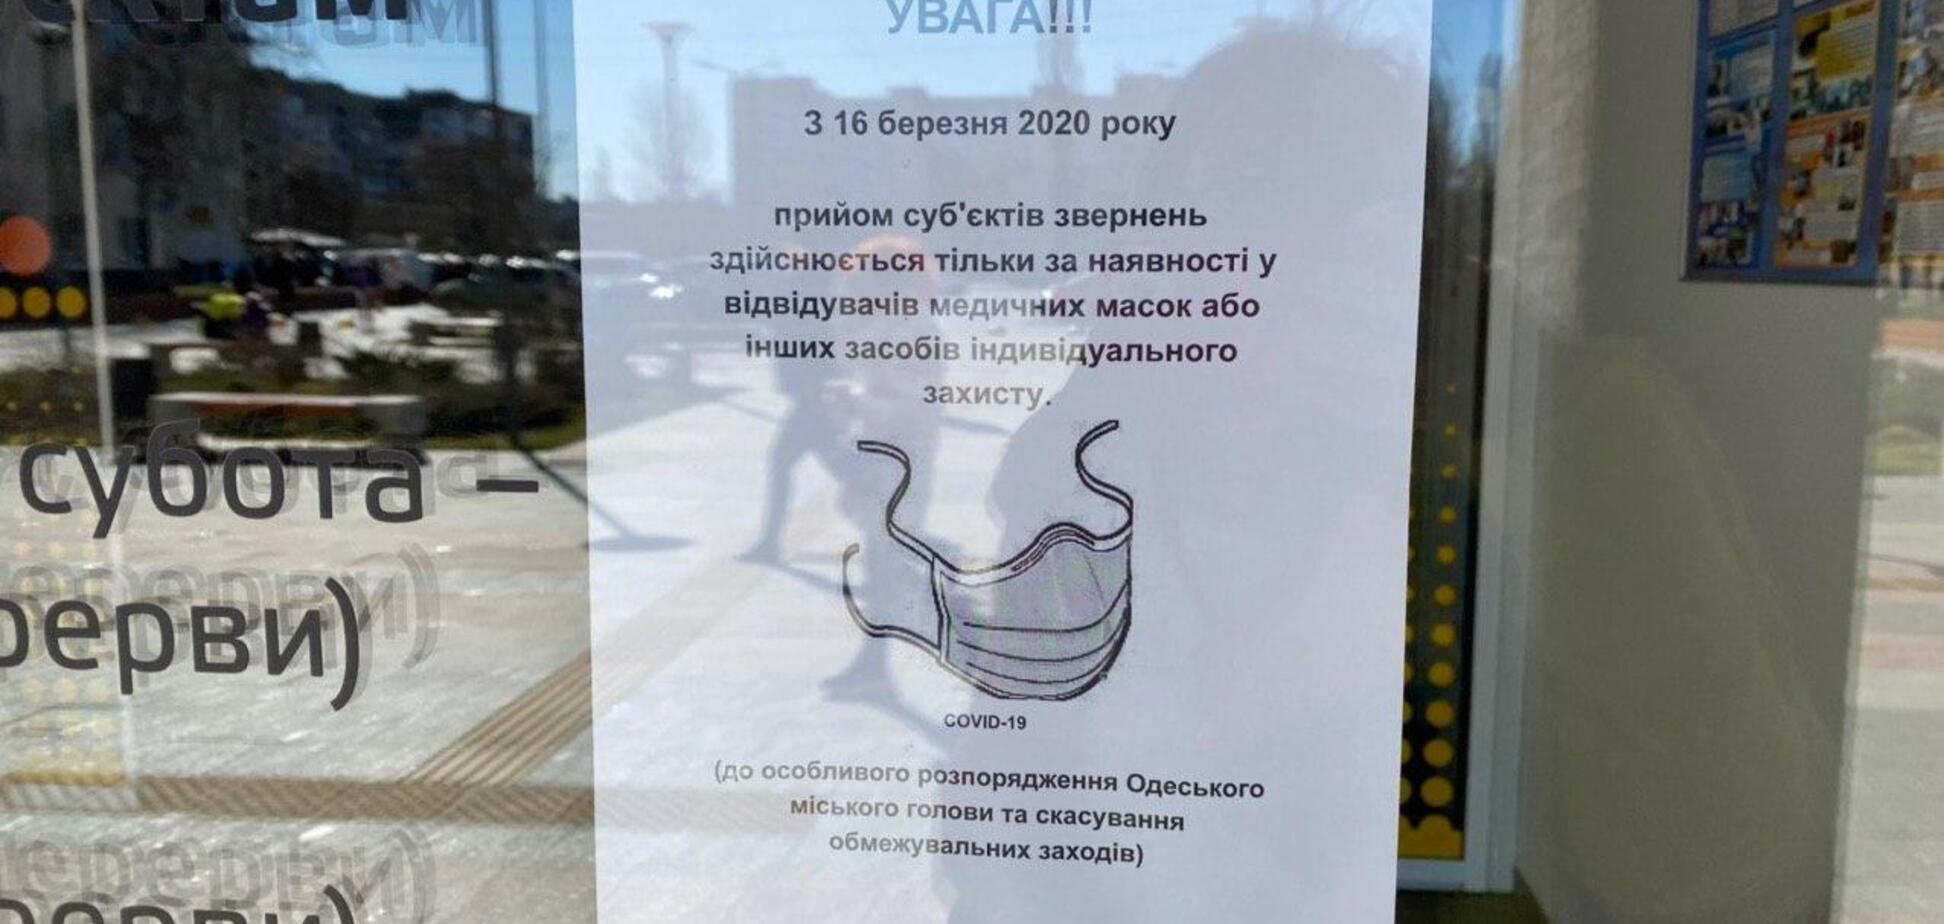 Карантин в Одесі: як живе місто в очікуванні коронавіруса. Фото